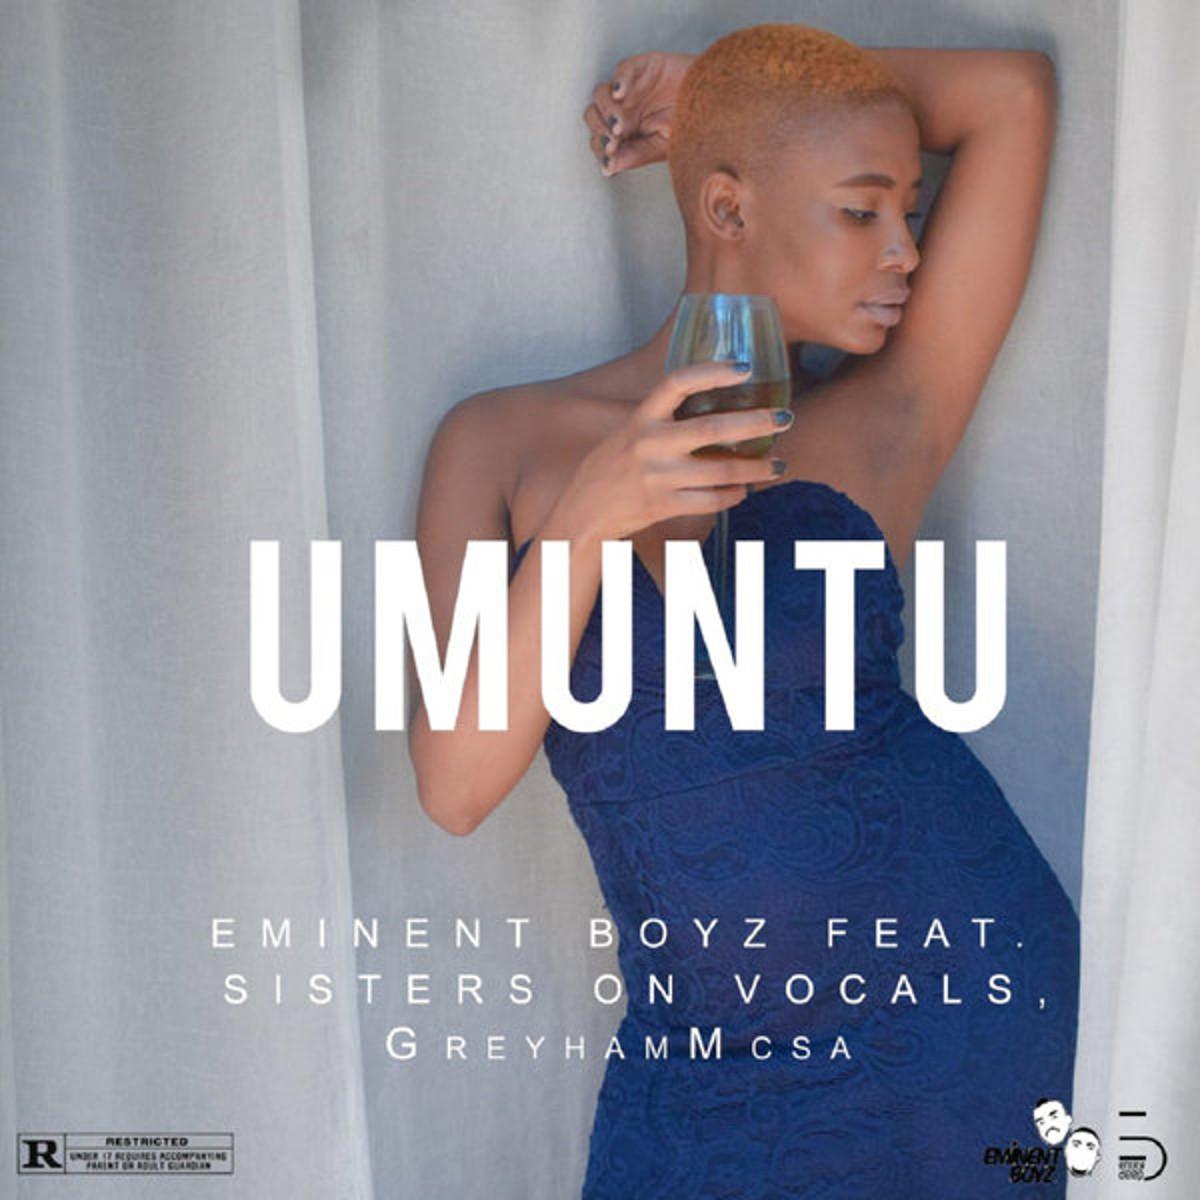 Eminent Boyz Umuntu - Eminent Boyz – Umuntu Ft. Sisters On Vocal & GreyhamMC